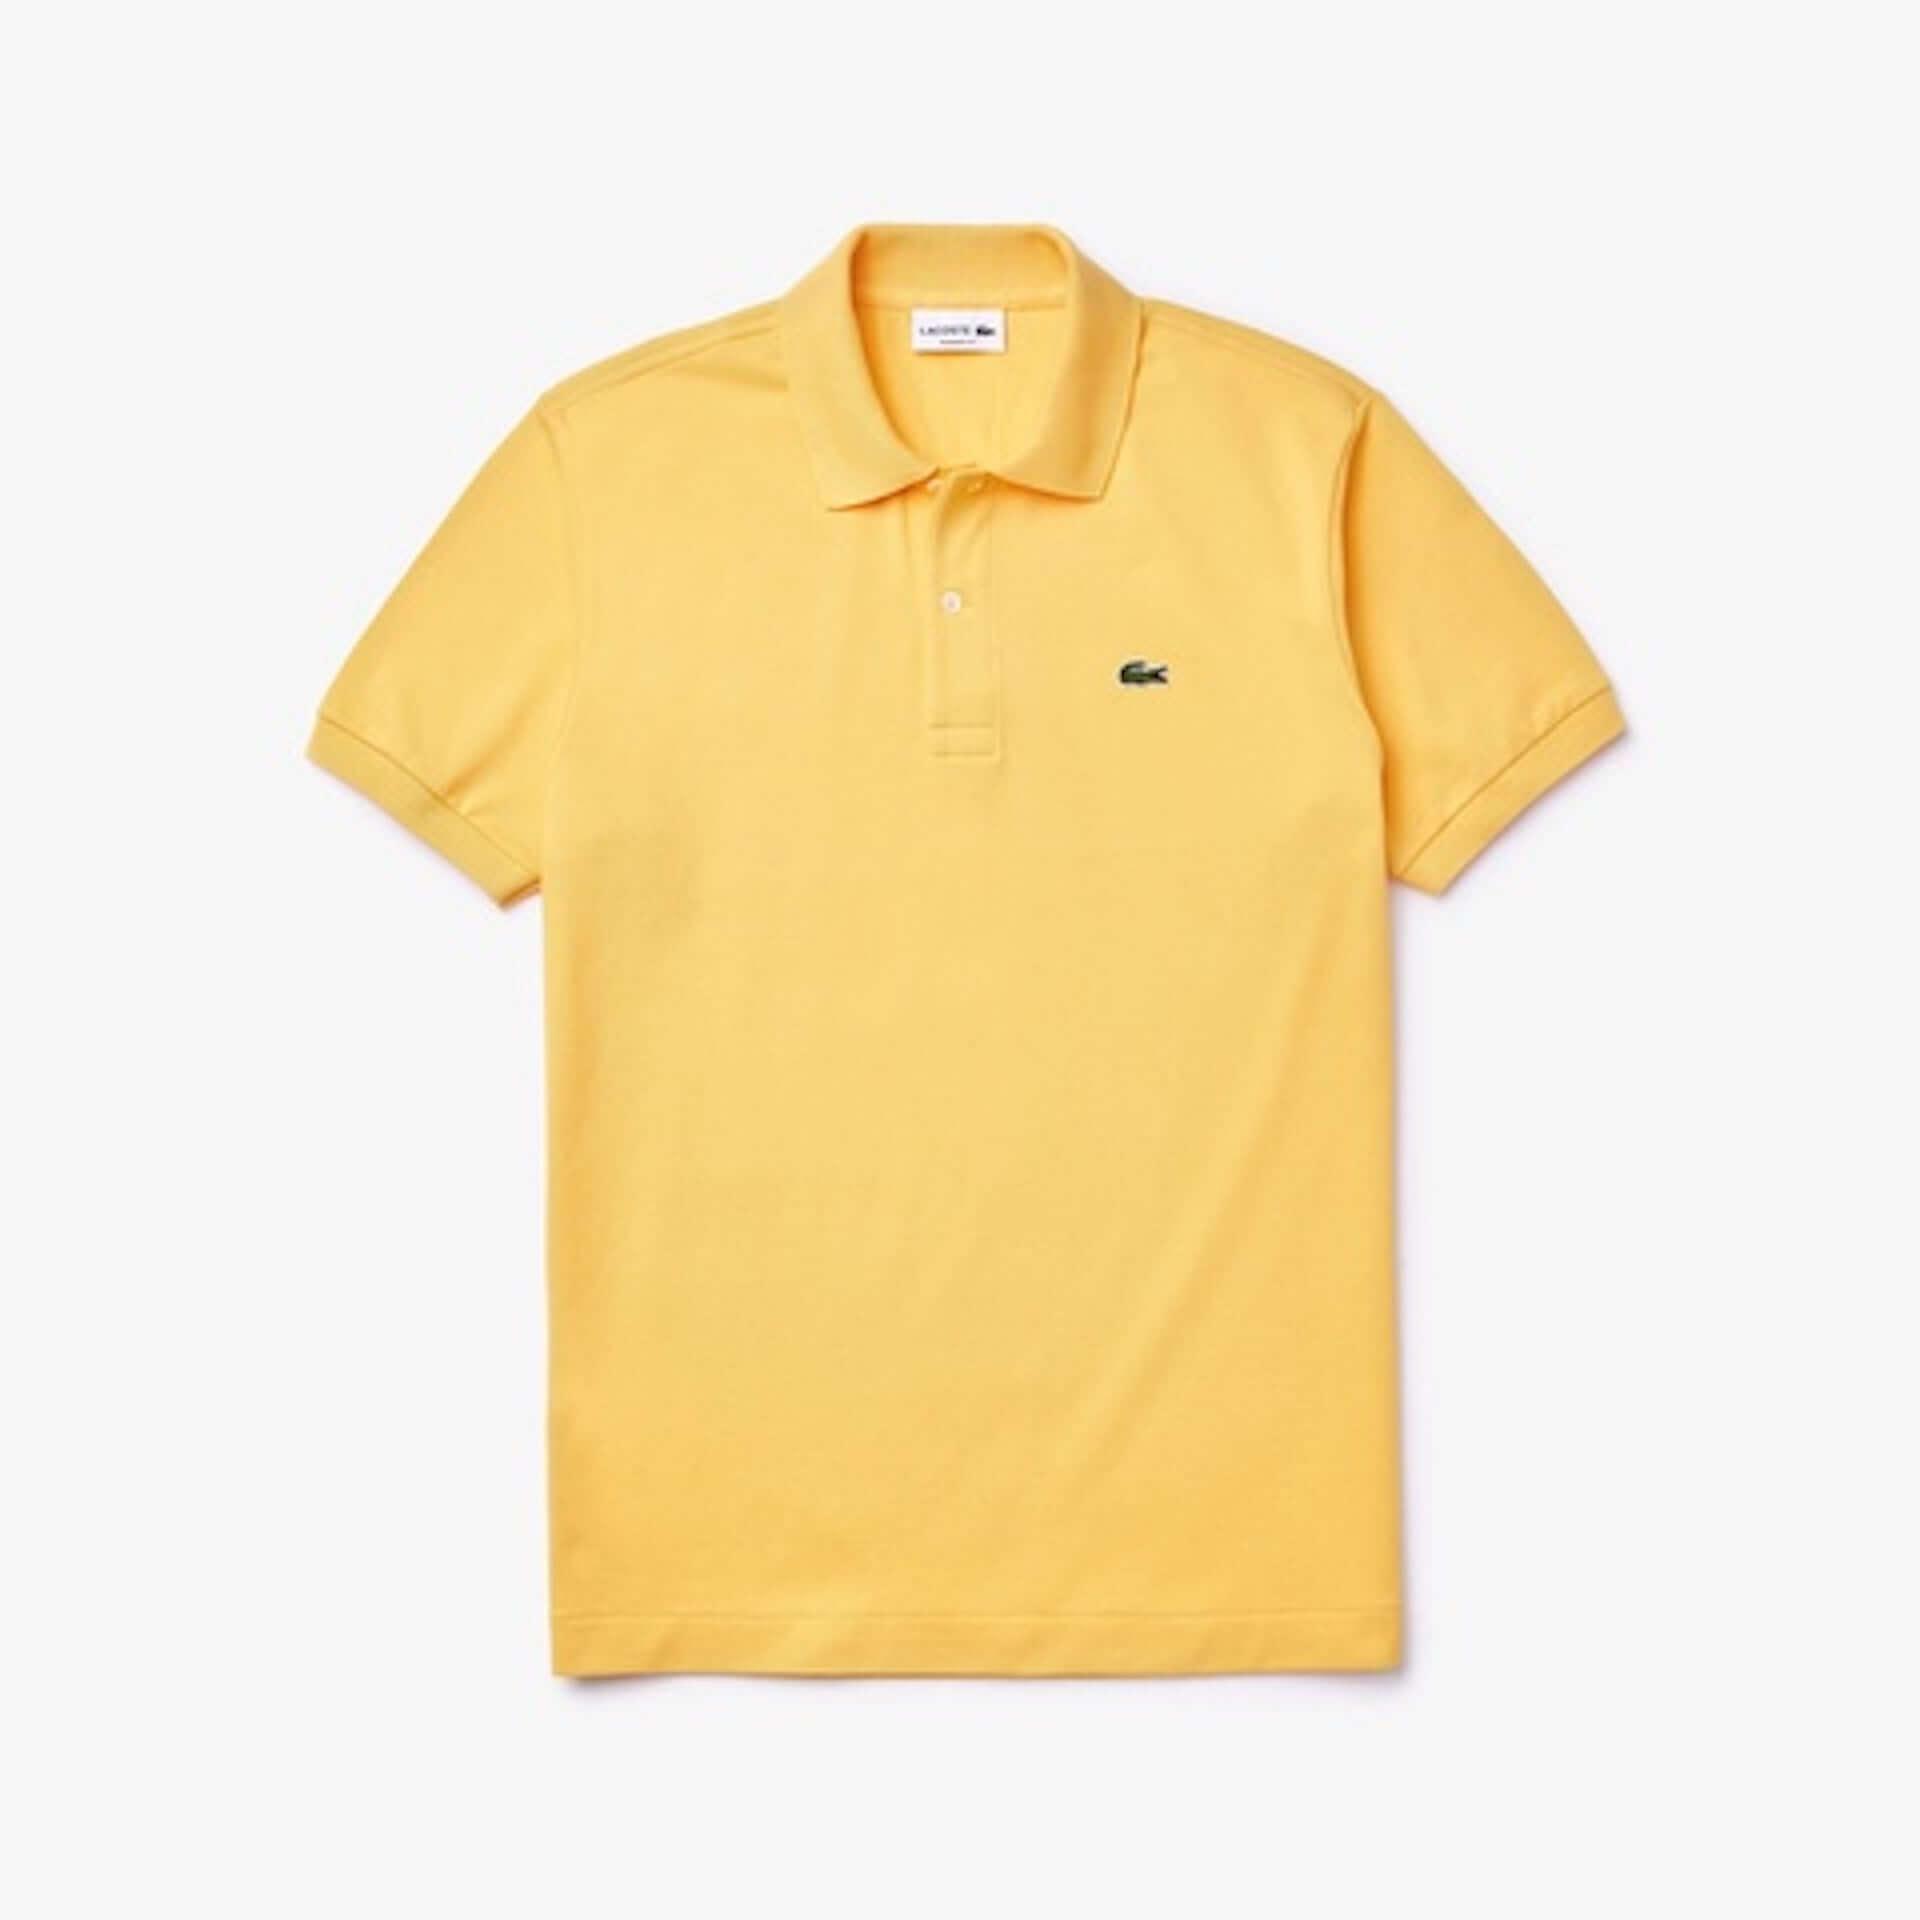 ラコステから春夏シーズンカラーの新作ポロシャツが登場!定番のワニロゴポロシャツやポロドレスも lf200519_lacoste_08-1920x1920